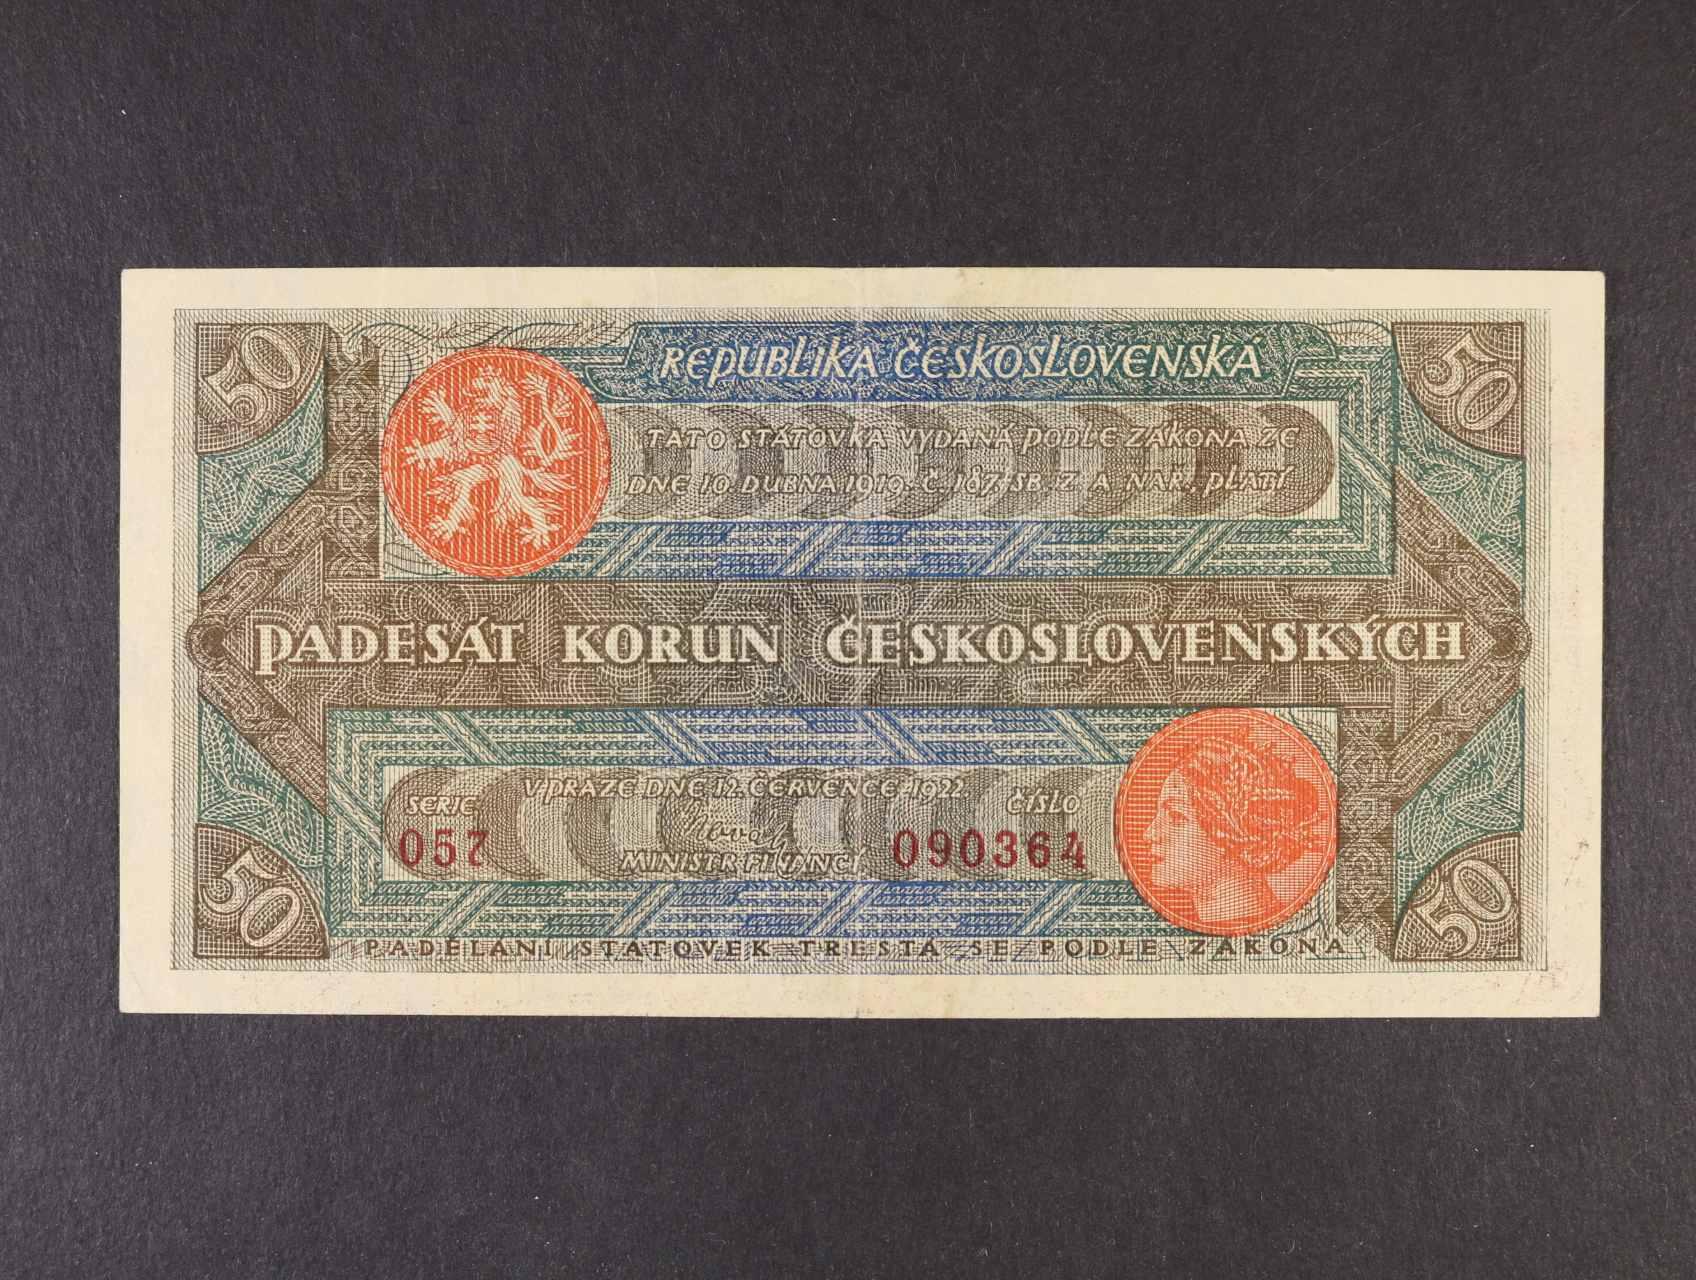 50 Kč 12.7.1922 série 057 číslovač 1b široké číslice, Ba. 19b, Pi. 16a